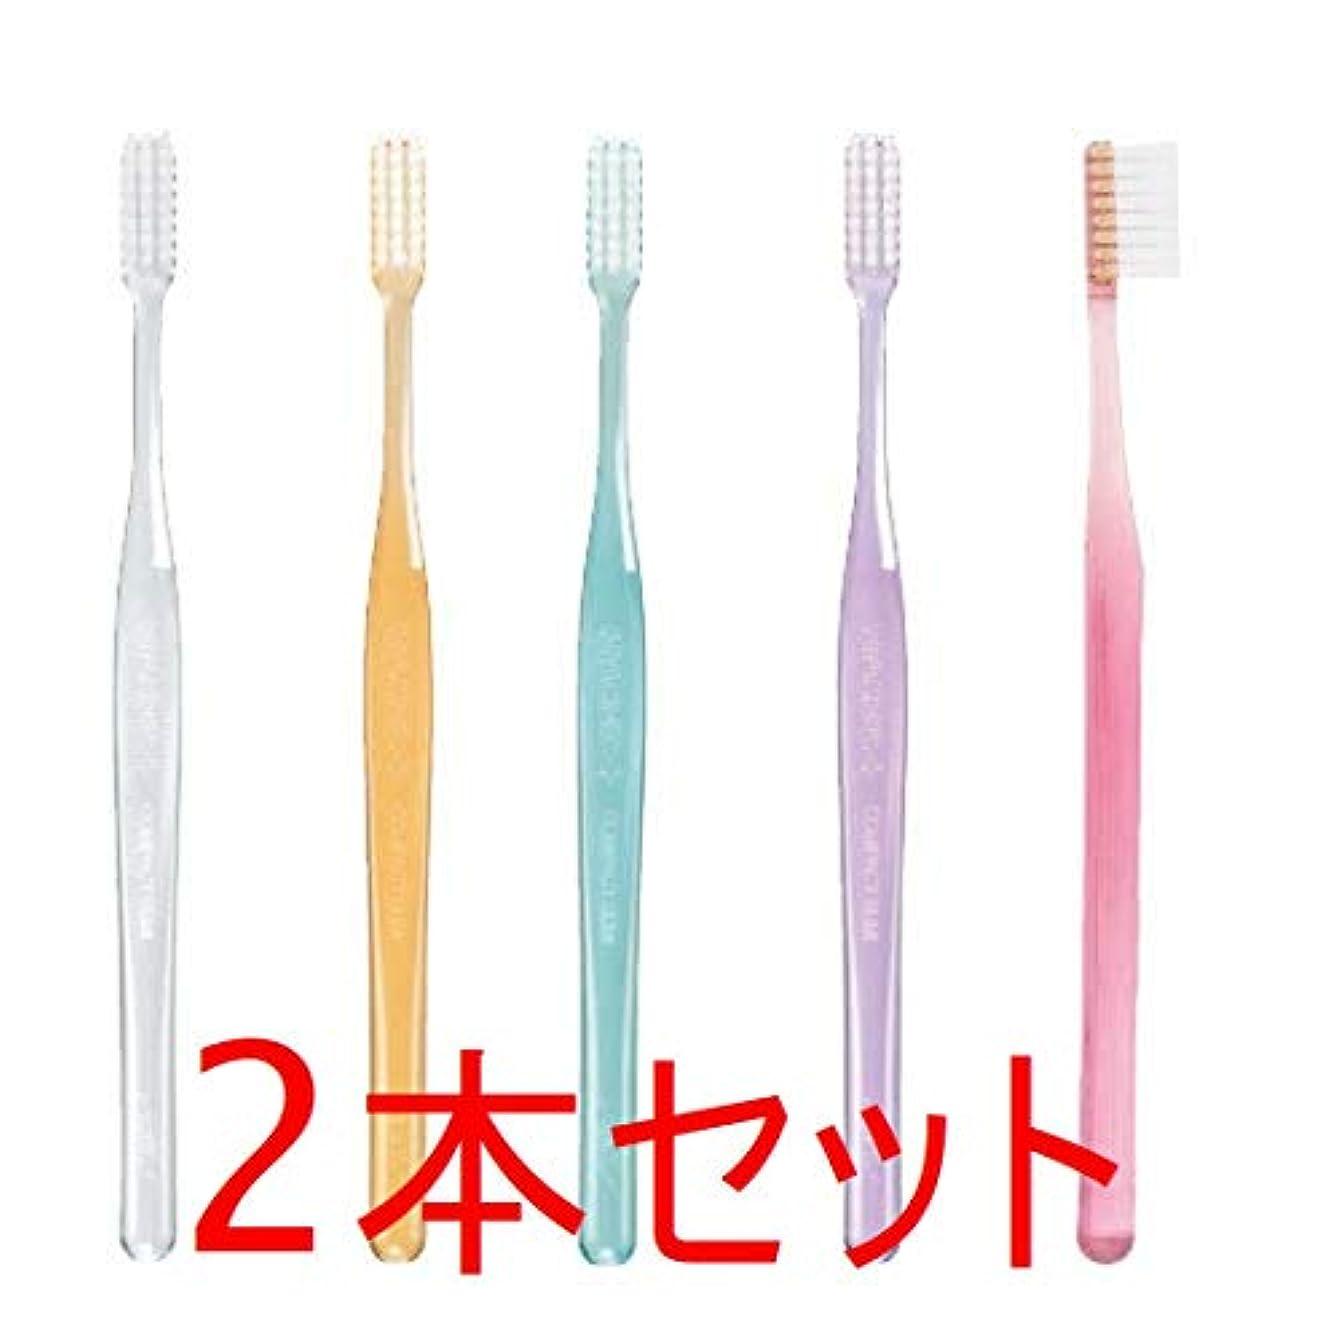 崇拝しますオンス嫌がるGC プロスペック 歯ブラシ プラス コンパクトスリム 2本 クリアー色 (M(ふつう), おまかせ)